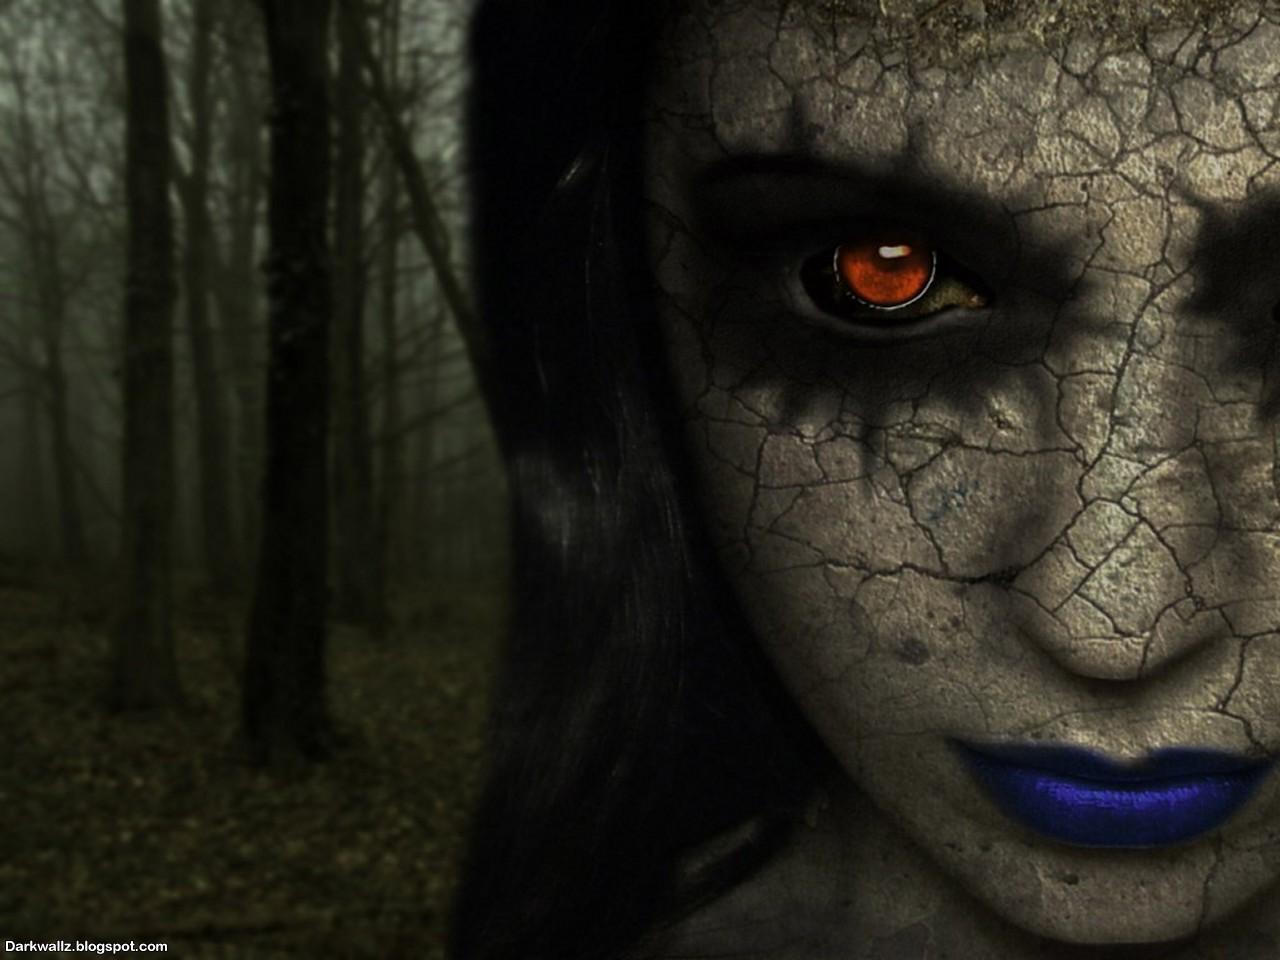 http://2.bp.blogspot.com/_-jo2ZCYhKaY/S2MYiM94KXI/AAAAAAAAFUY/zCqCnEqcu0g/s1600/Scary_Eyes_Wallpapers_03+(wallpapersbay.blogspot.com)+(darkwallz.blogspot.com).jpg